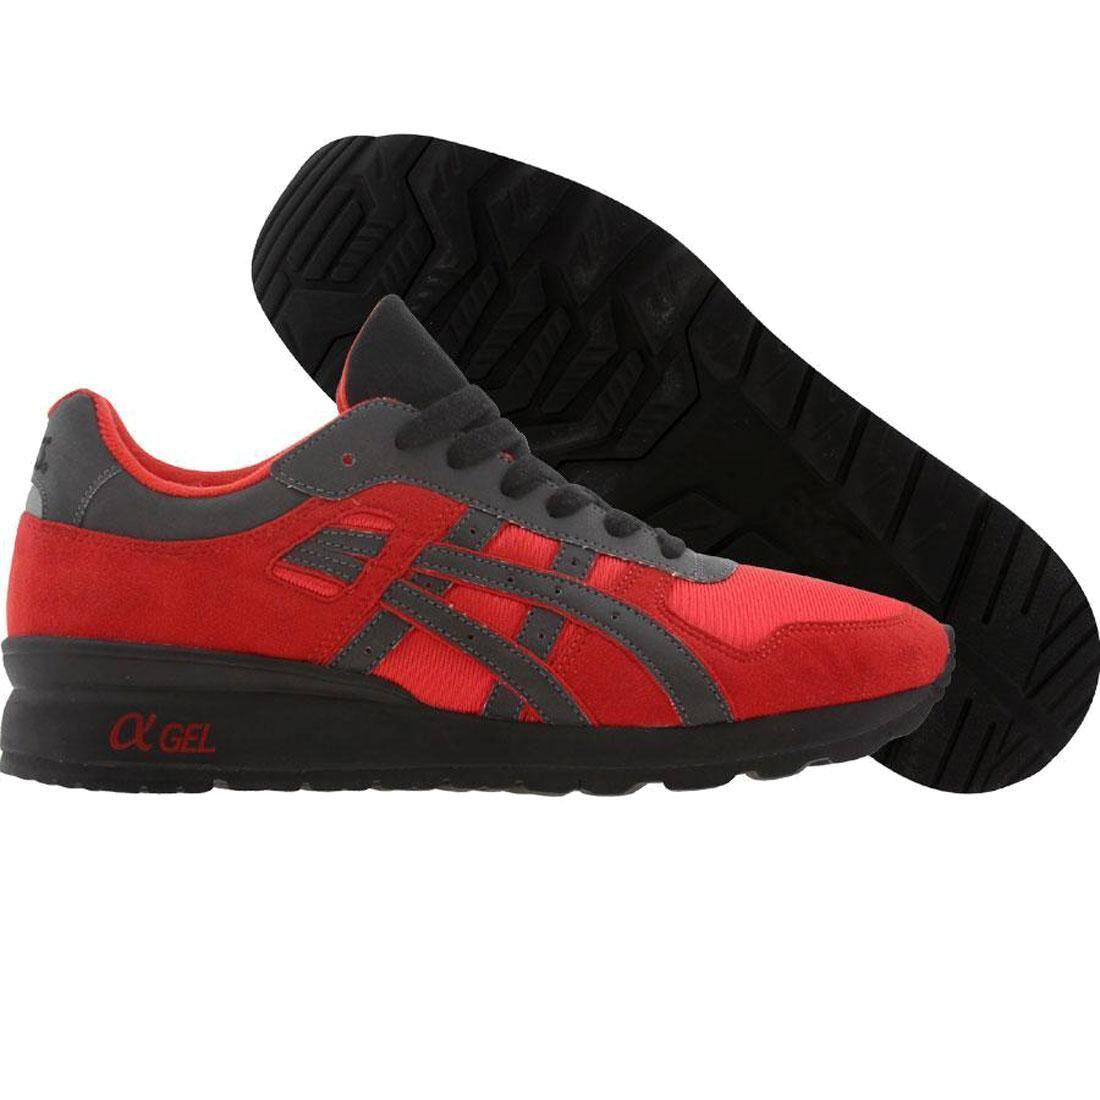 Asics Gel GT II rojo